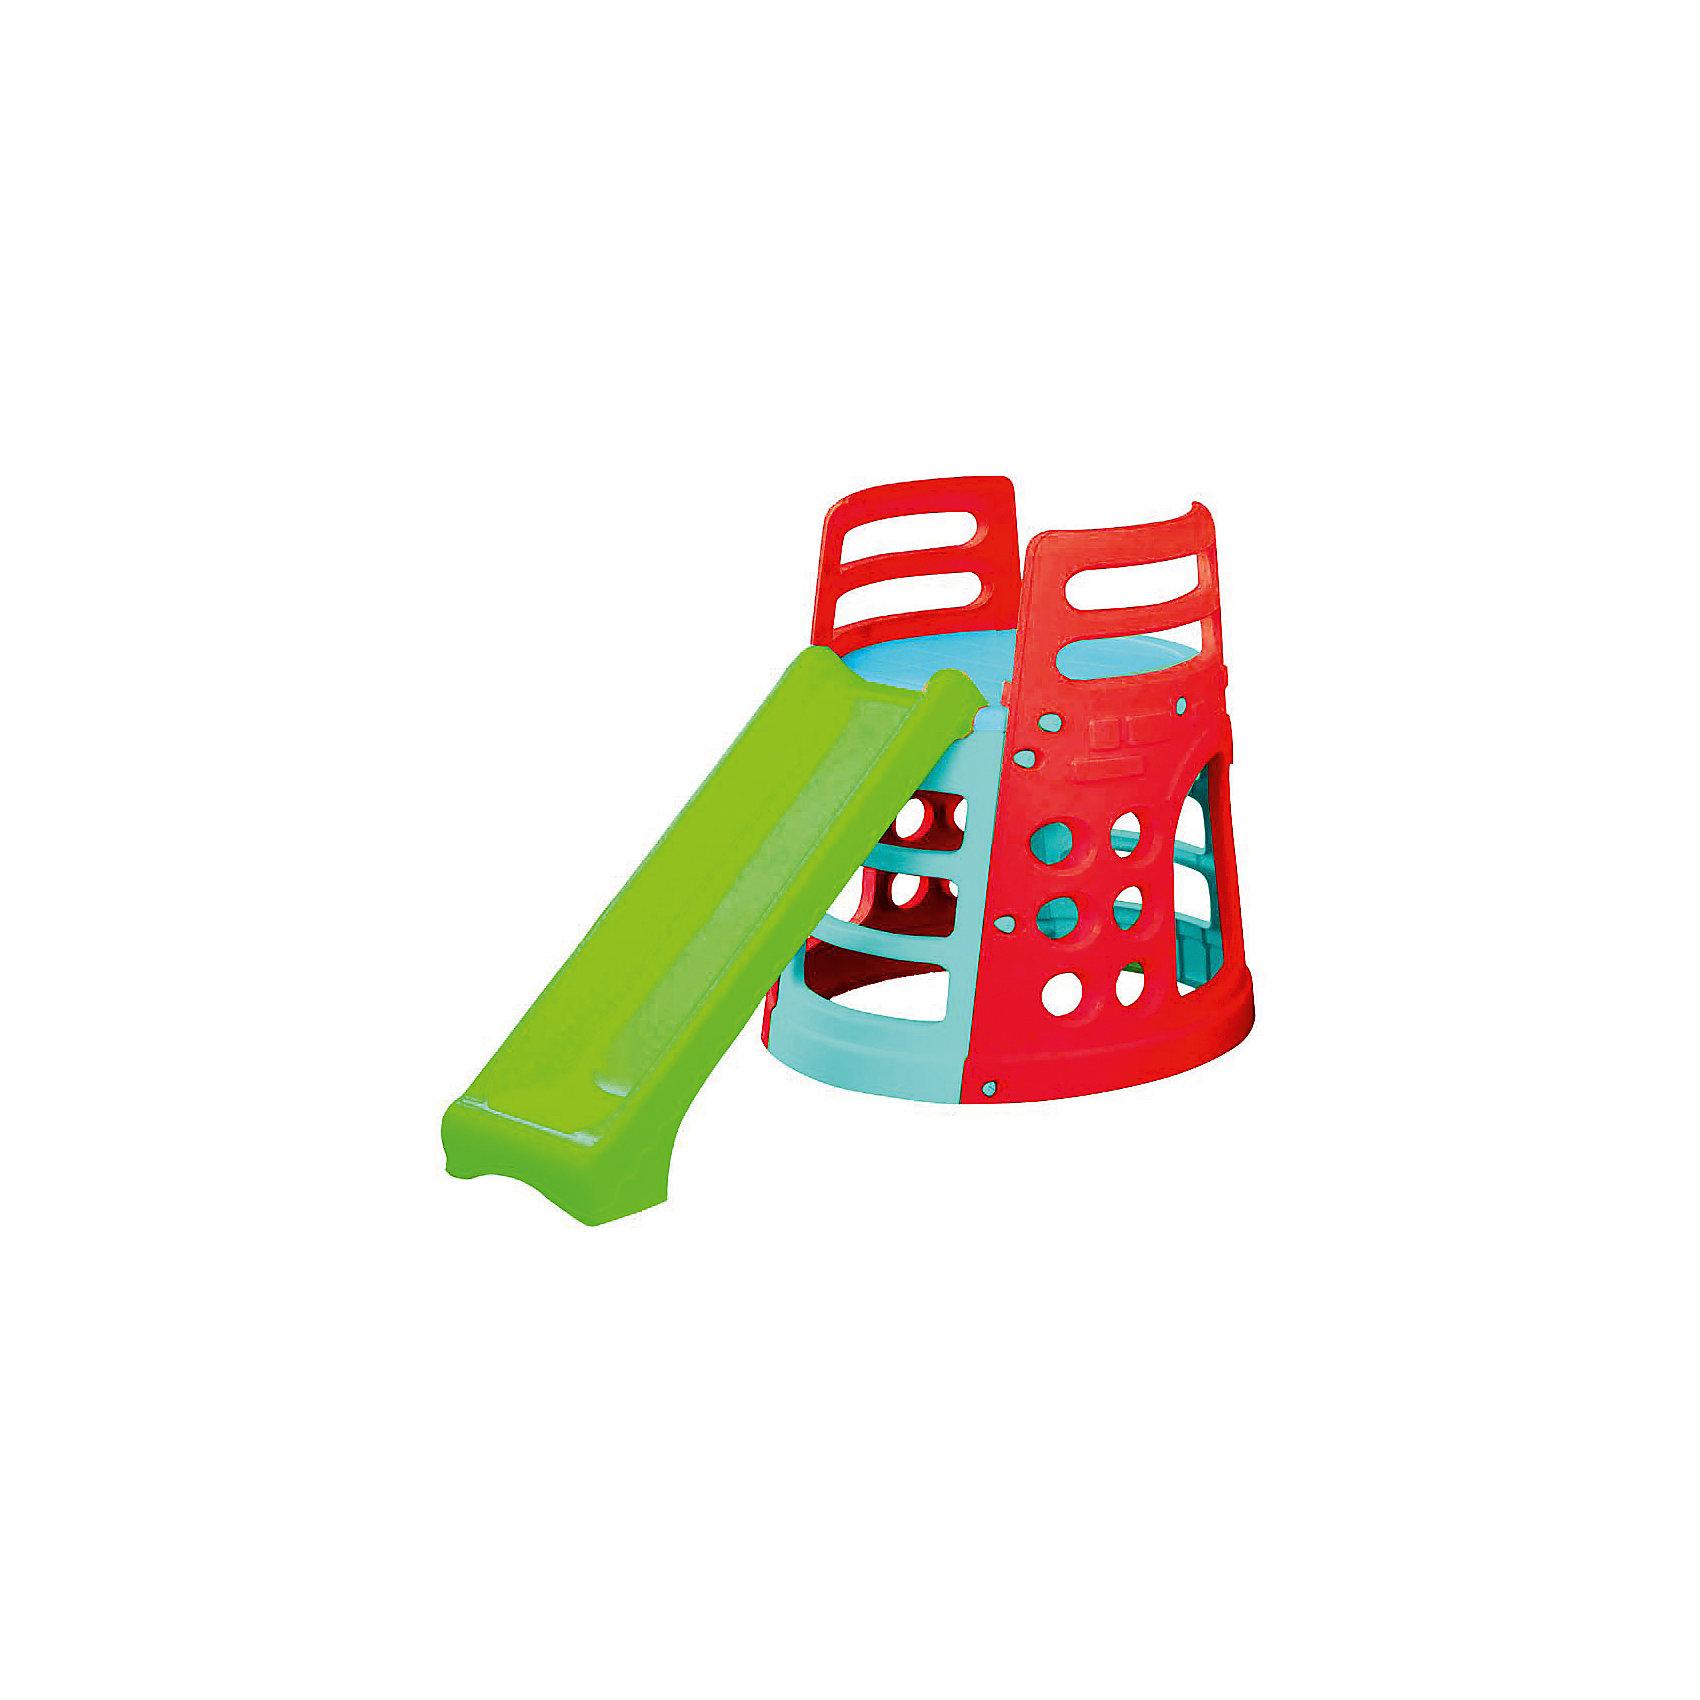 Marianplast Горка - БашняИгровой комплекс  Marianplast  Горка – Башня отлично подойдет для дачи или детской. <br><br>Башня устойчивая, имеет множество отверстий для лазания, которые помогают ребенку с легкостью забираться на нее, а также фактурные ступеньки - для безопасного подъёма.<br>Комплекс легко собирается (инструмент не требуется),  детали соединяются и закрепляются специальными пластиковыми гайками, которые входят в комплект.<br><br>Дополнительная информация:<br><br>- Д*ш*в, см: 100*180.<br>- Площадь 2м2.<br>- Размеры спусковой дорожки: ширина 26 см, длина 150 см<br>- Рекомендуется детям от 1,5 лет.<br>- Горка изготовлена из гипоаллергенной пластмассы, устойчивой к выцветанию. Пластик выдерживает температуру до -18 град. <br><br>Горка-Башня Marian Plast стимулирует малыша к активным действиям и движению, развивает воображение. Яркая и красочная, она обязательно понравится вашему малышу.<br><br>Ширина мм: 1250<br>Глубина мм: 900<br>Высота мм: 340<br>Вес г: 13500<br>Возраст от месяцев: 18<br>Возраст до месяцев: 84<br>Пол: Унисекс<br>Возраст: Детский<br>SKU: 4790461